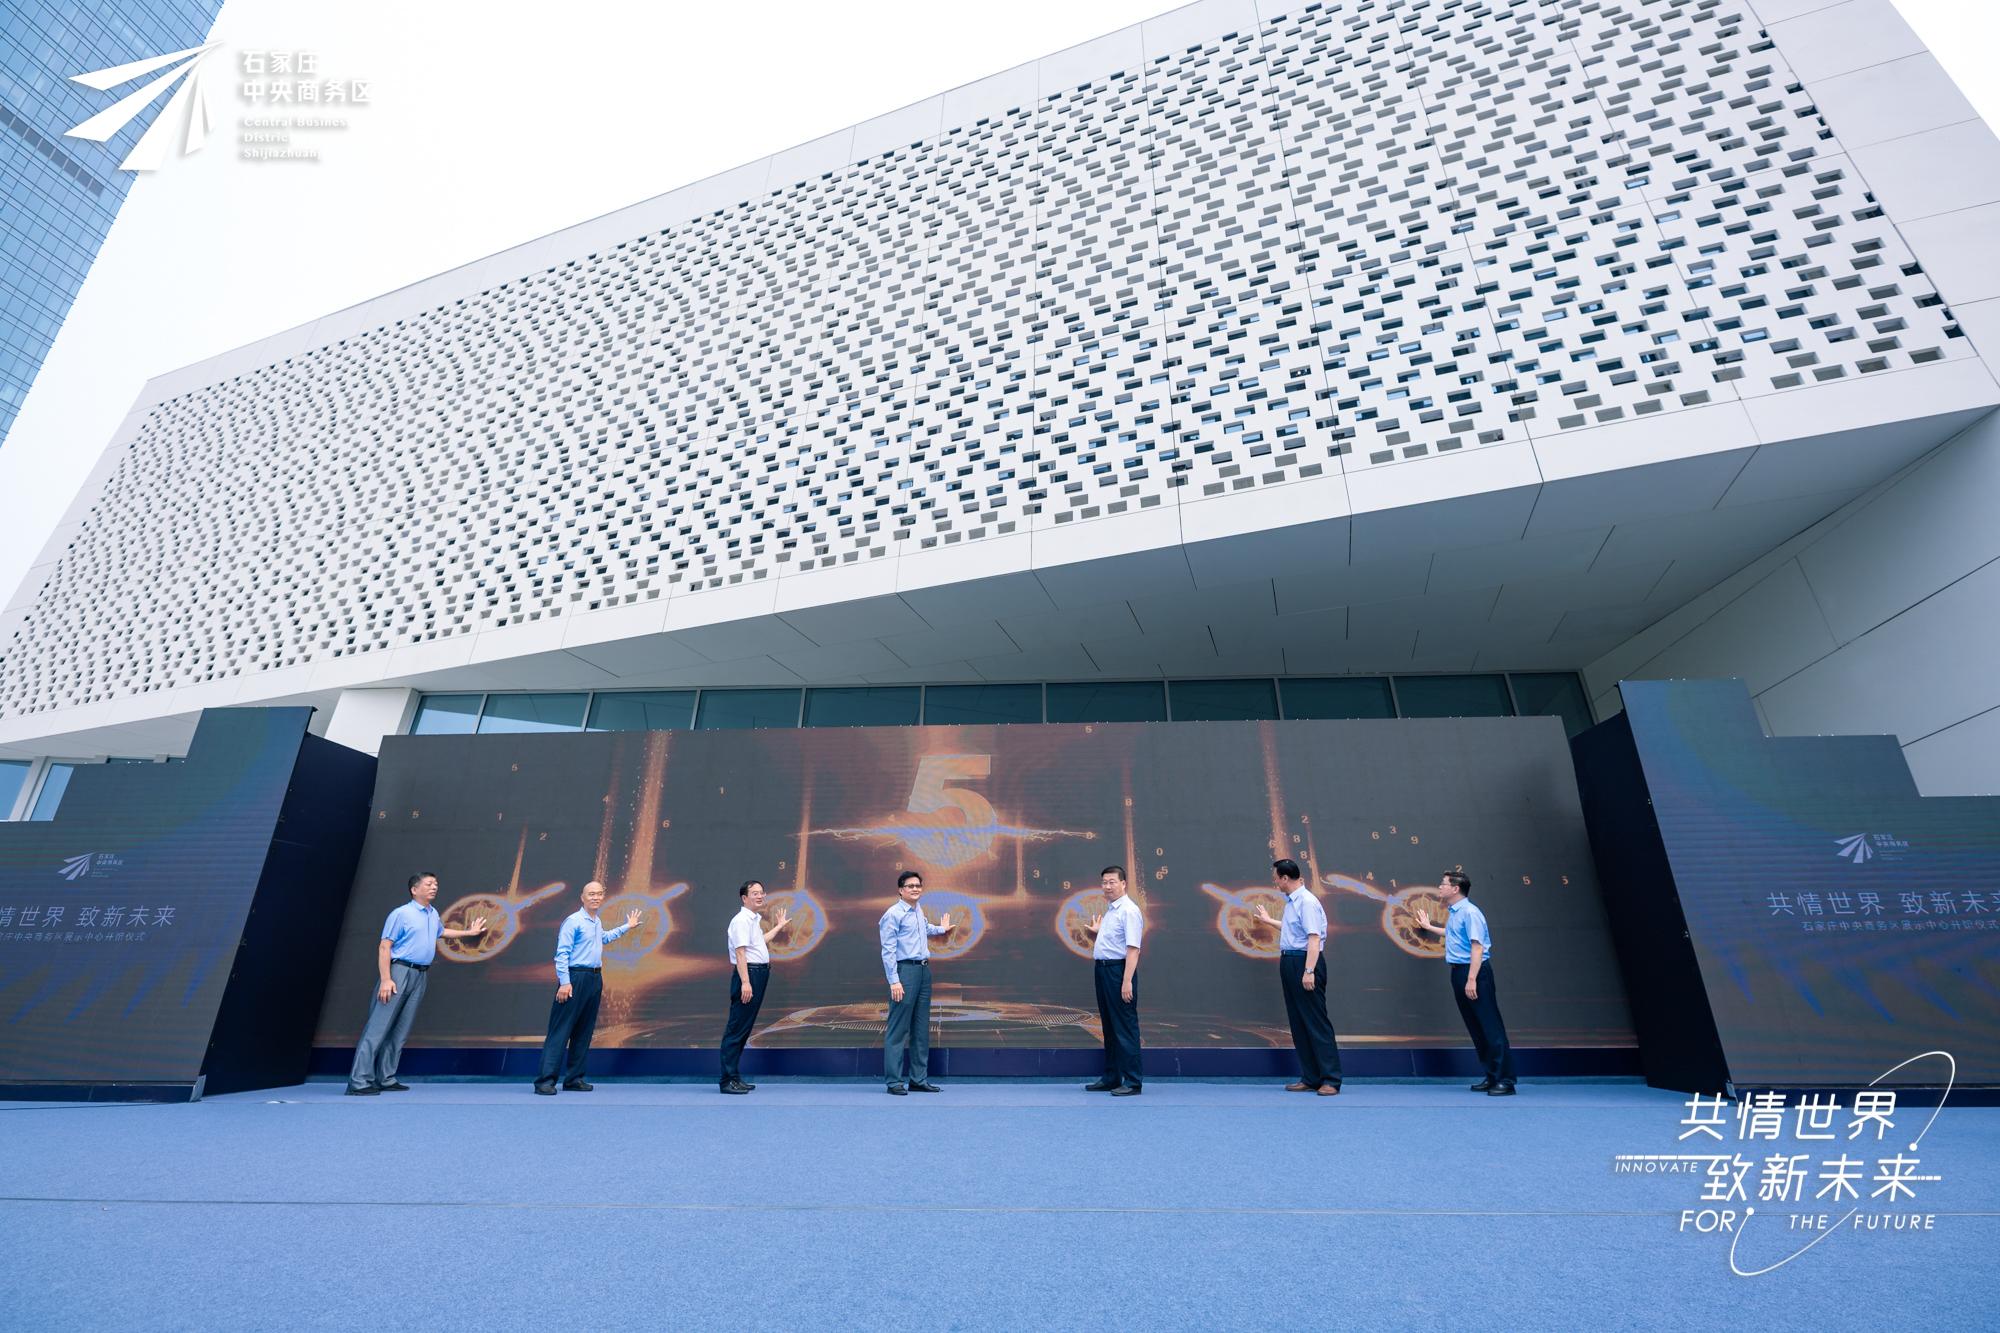 石家庄中央商务区展示中心开馆仪式隆重举行